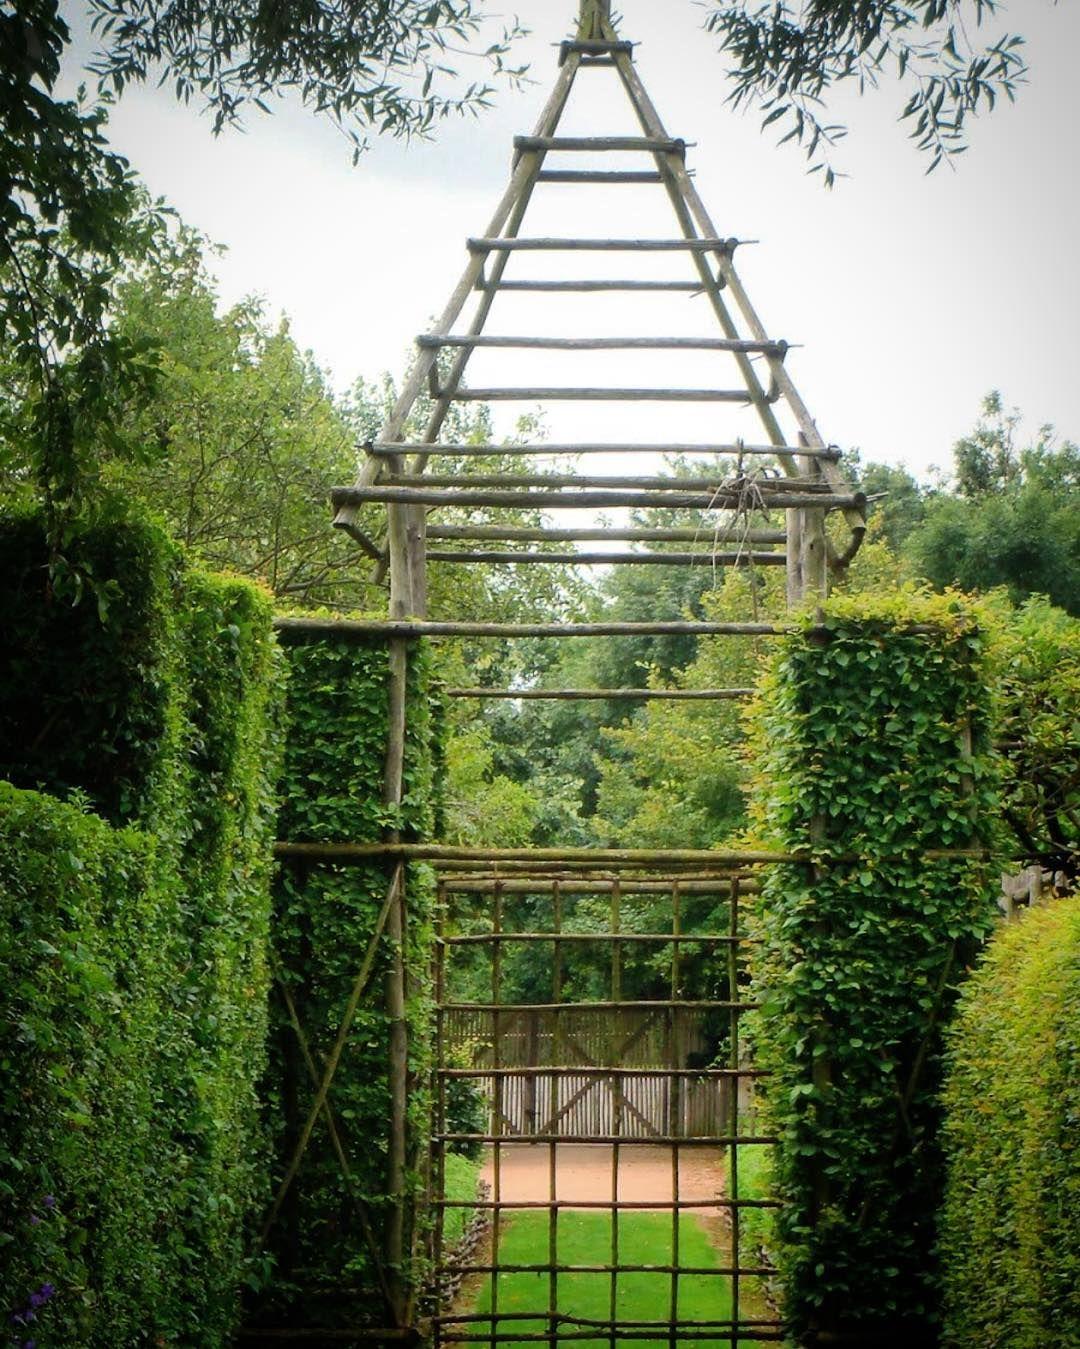 Mauern Im Garten Anlegen: Pin Von Rainer Smetana Auf Garten, Wege, Mauern